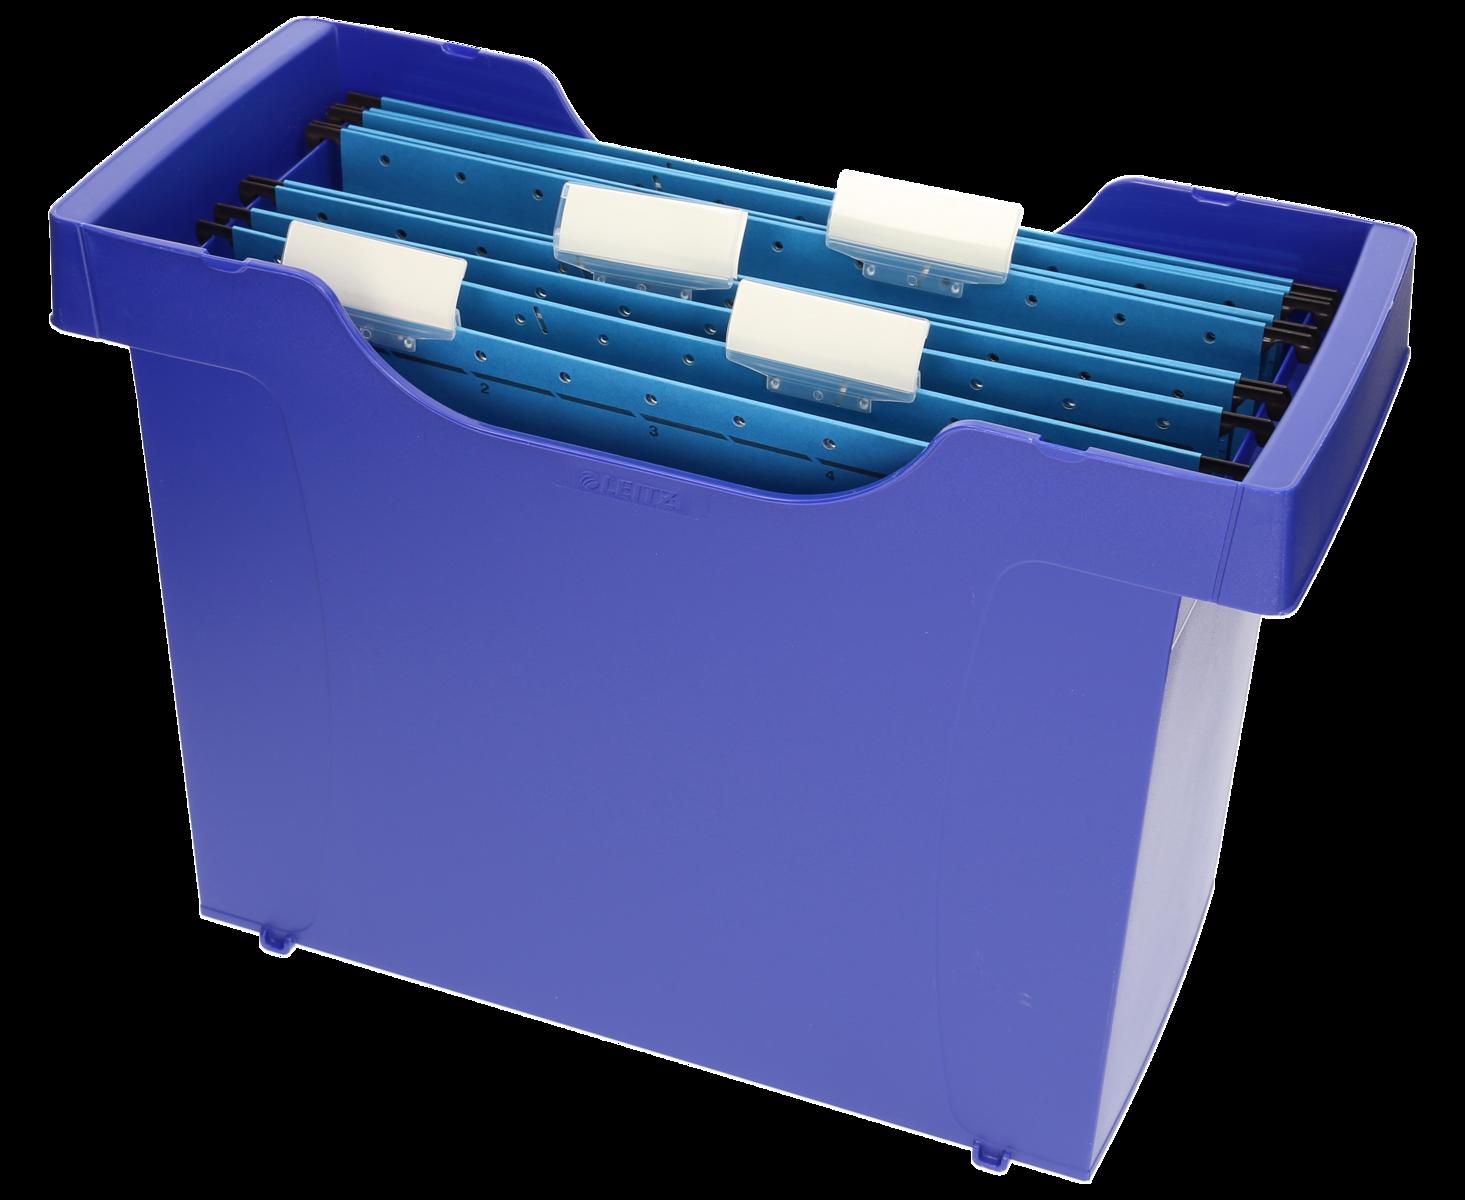 Cartelle Sospese Plastica.Leitz Box Per Cartelle Sospese Plus Mini Aktei Blu Plastica 1 Pezzi 39 5 Cm 27 3 Cm 17 Cm